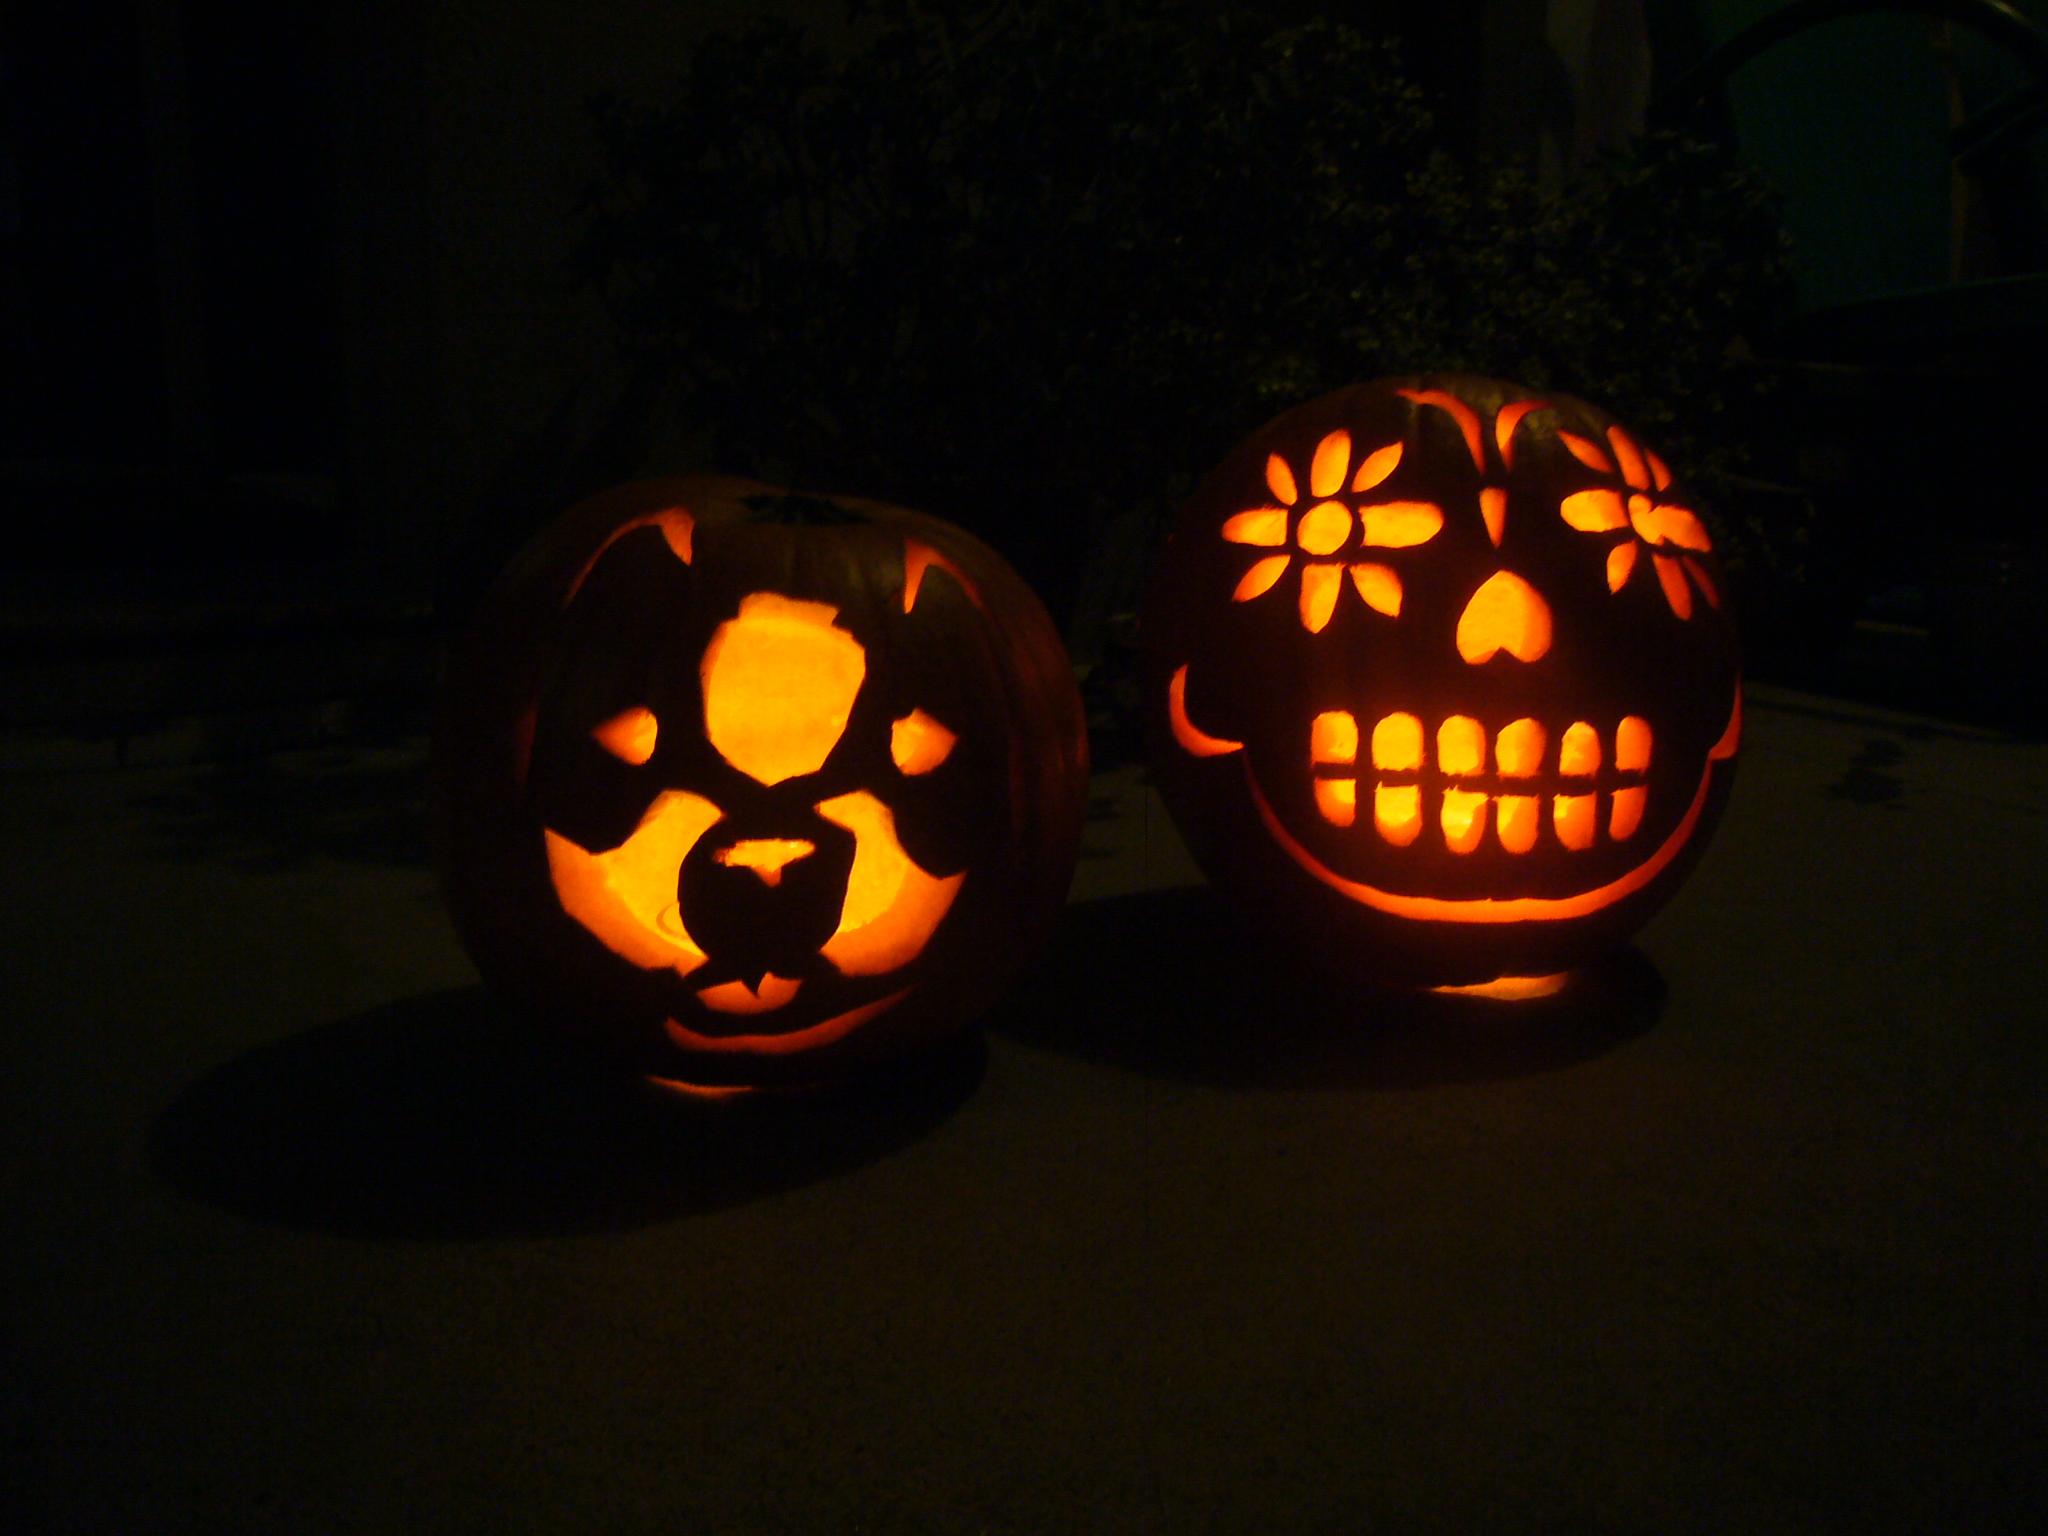 Sugar skull pumpkin carving patterns imgkid